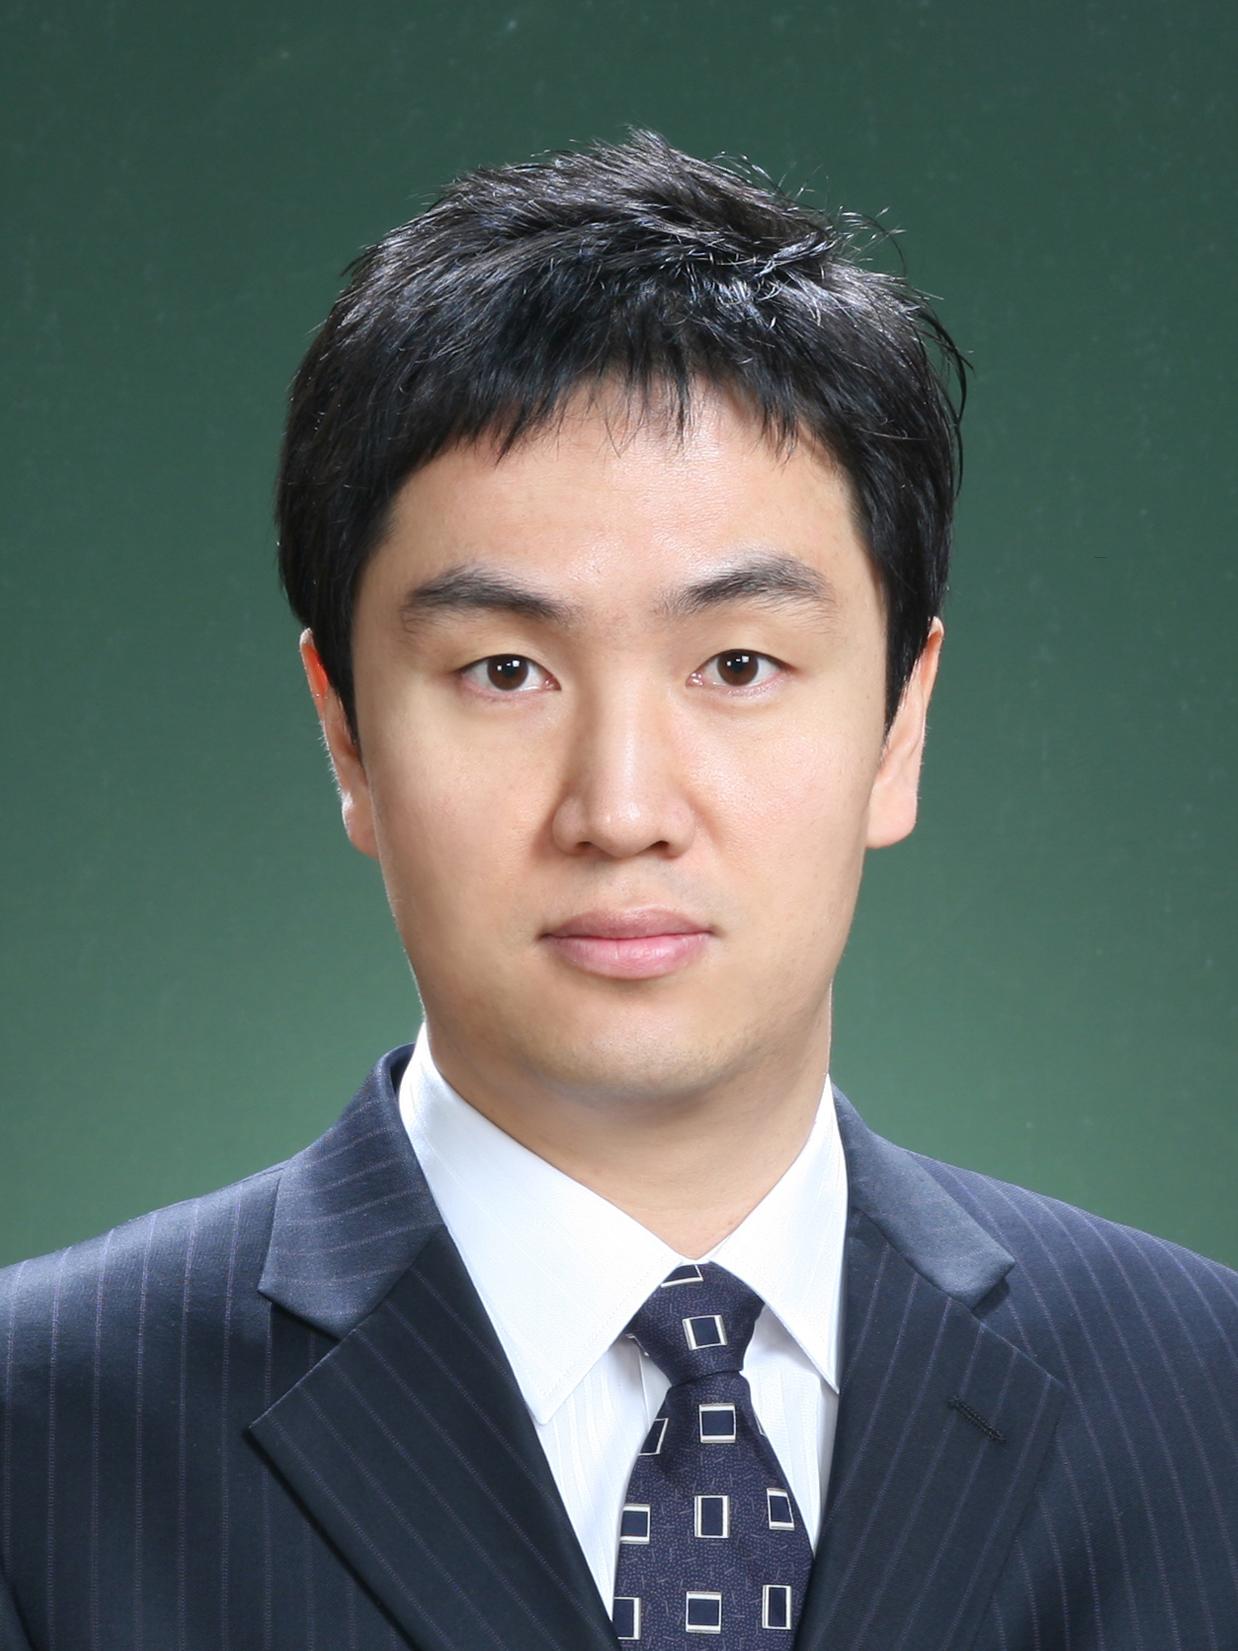 김기범 교수 사진